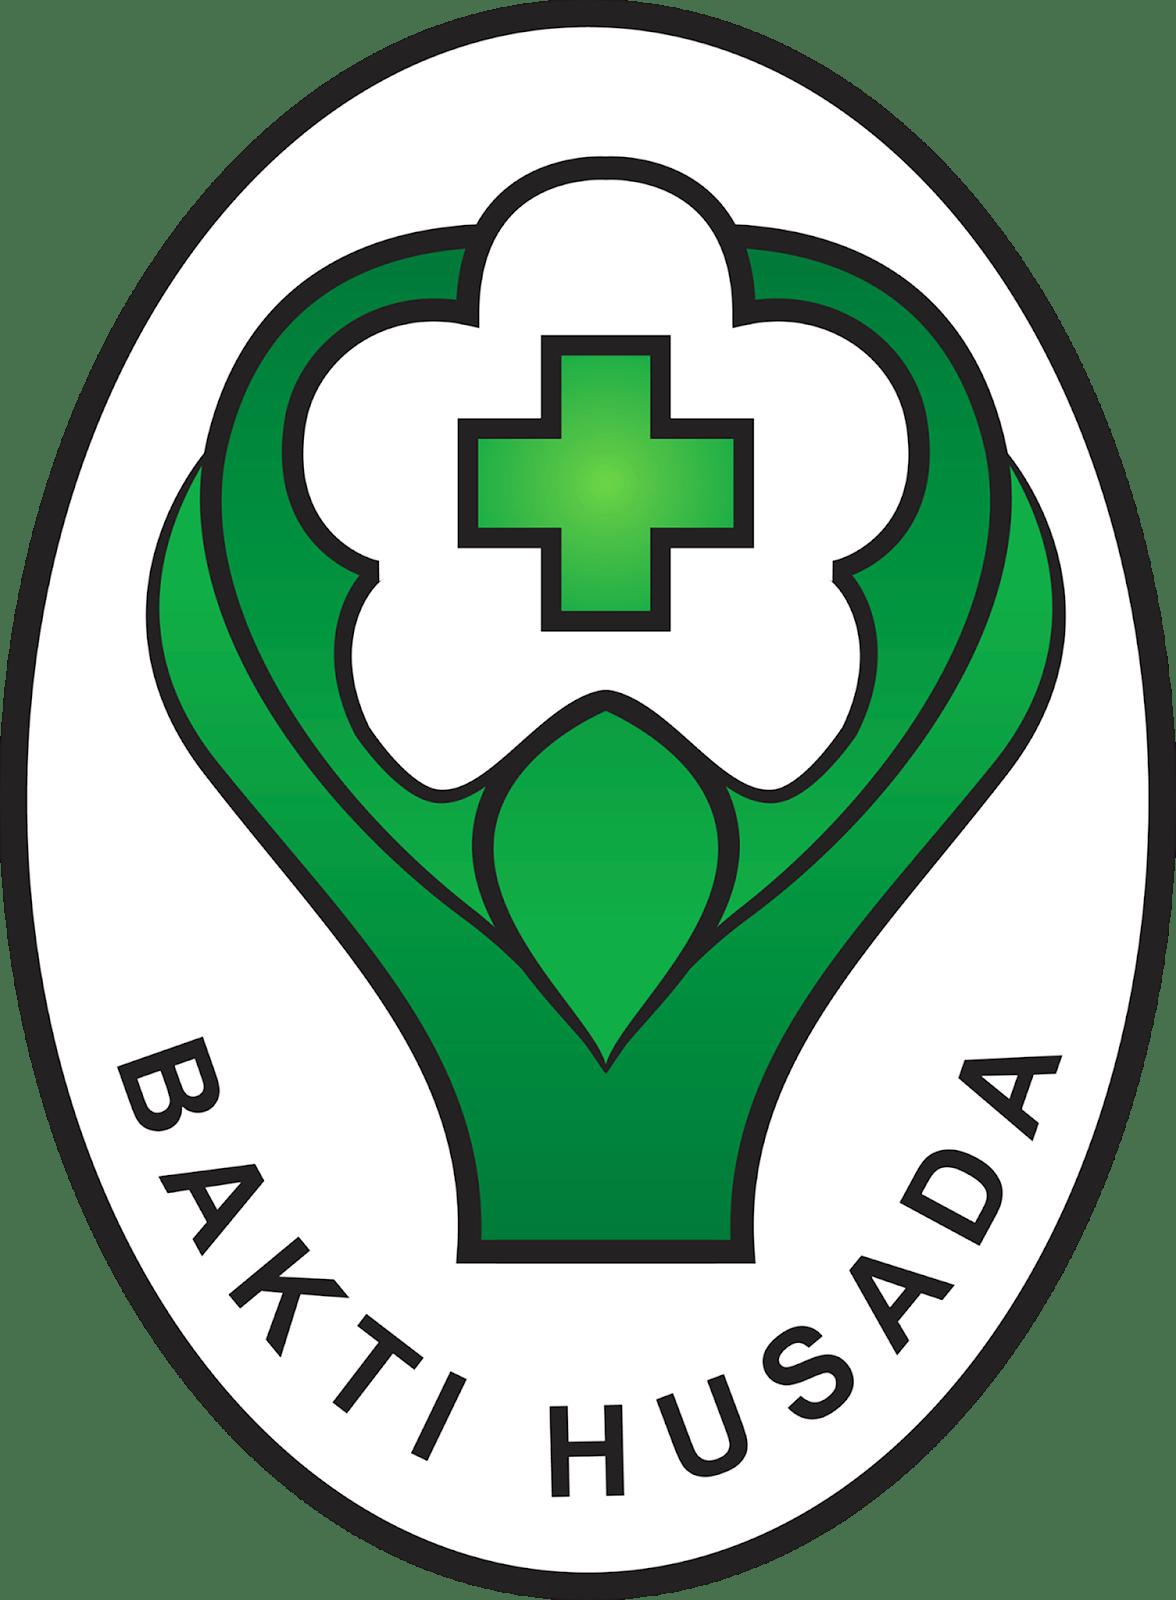 Logo Bakti Husada Png : bakti, husada, File:Lambang, Kemkes.png, Wikimedia, Commons